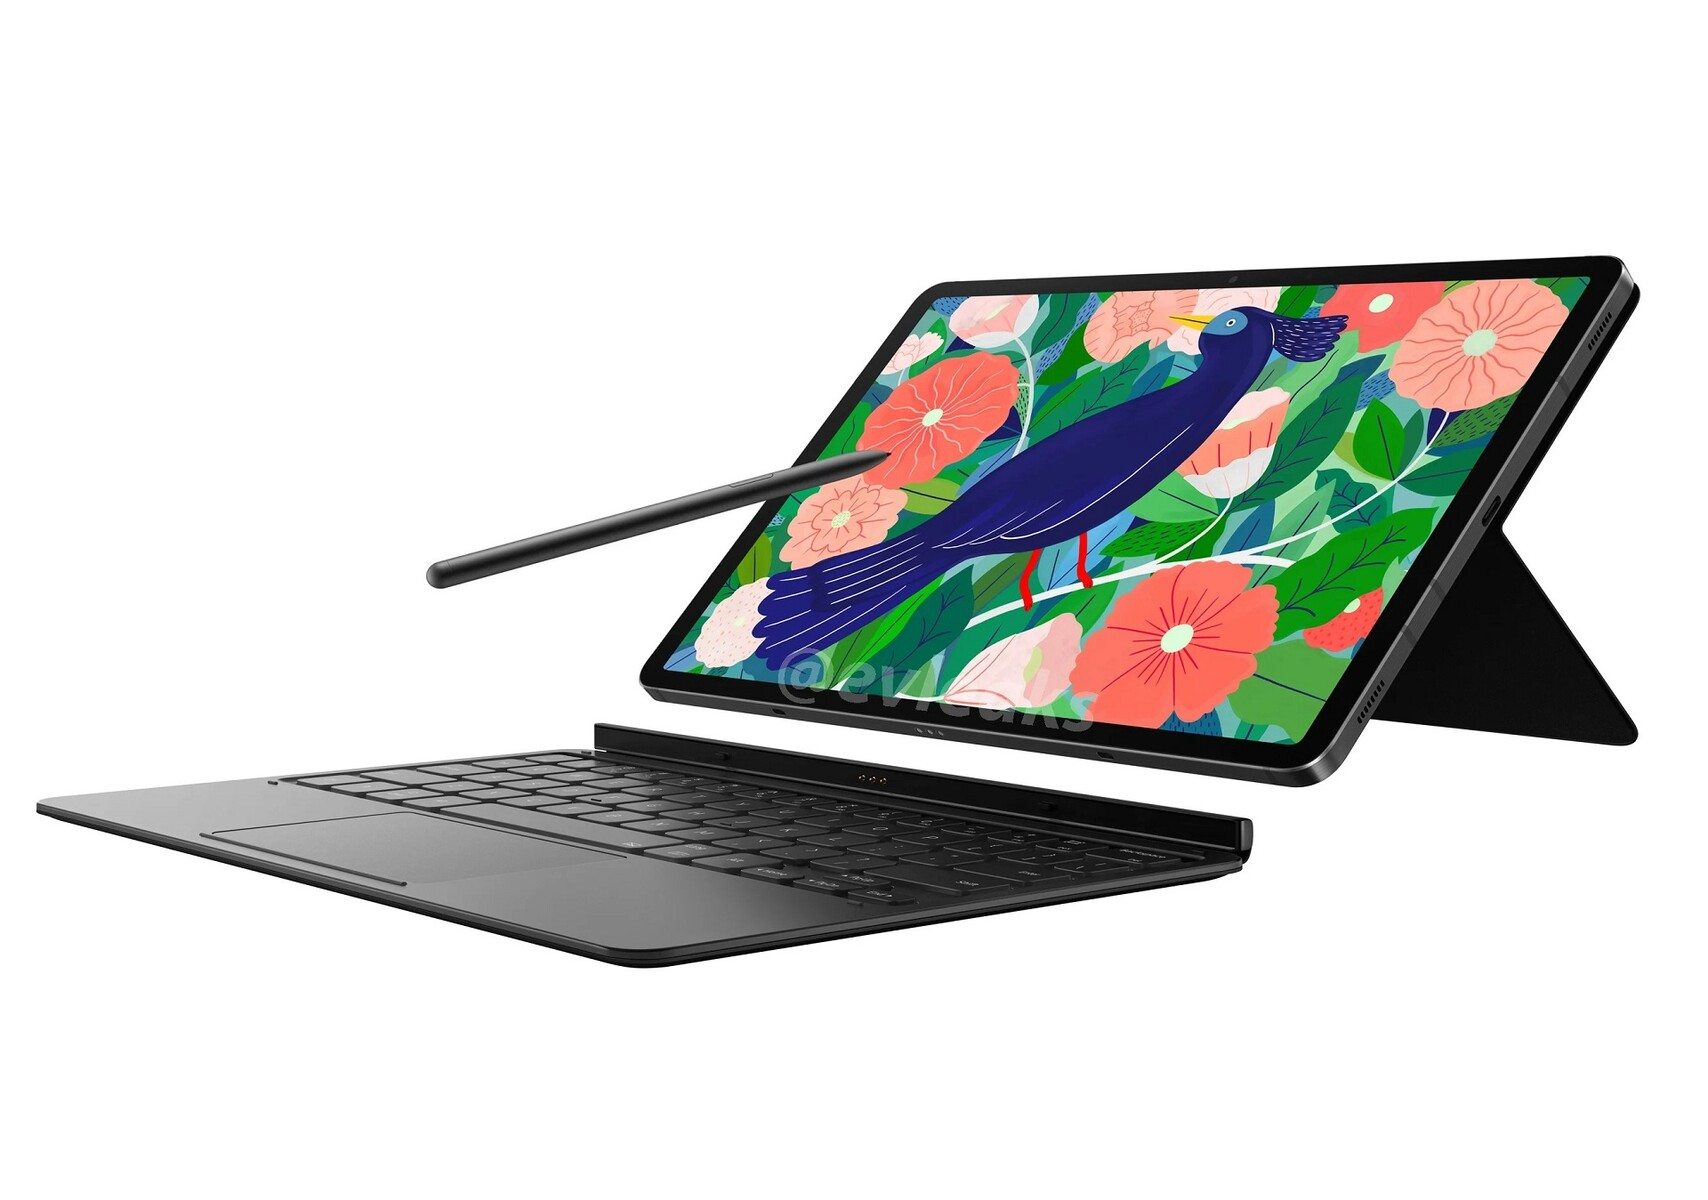 روکیدا - افشای تصاویر و مشخصات Galaxy Tab S7: قدرتمند با ظاهری جذاب - بهترین تبلت ها, بهترین تبلت های اندرویدی, سامسونگ